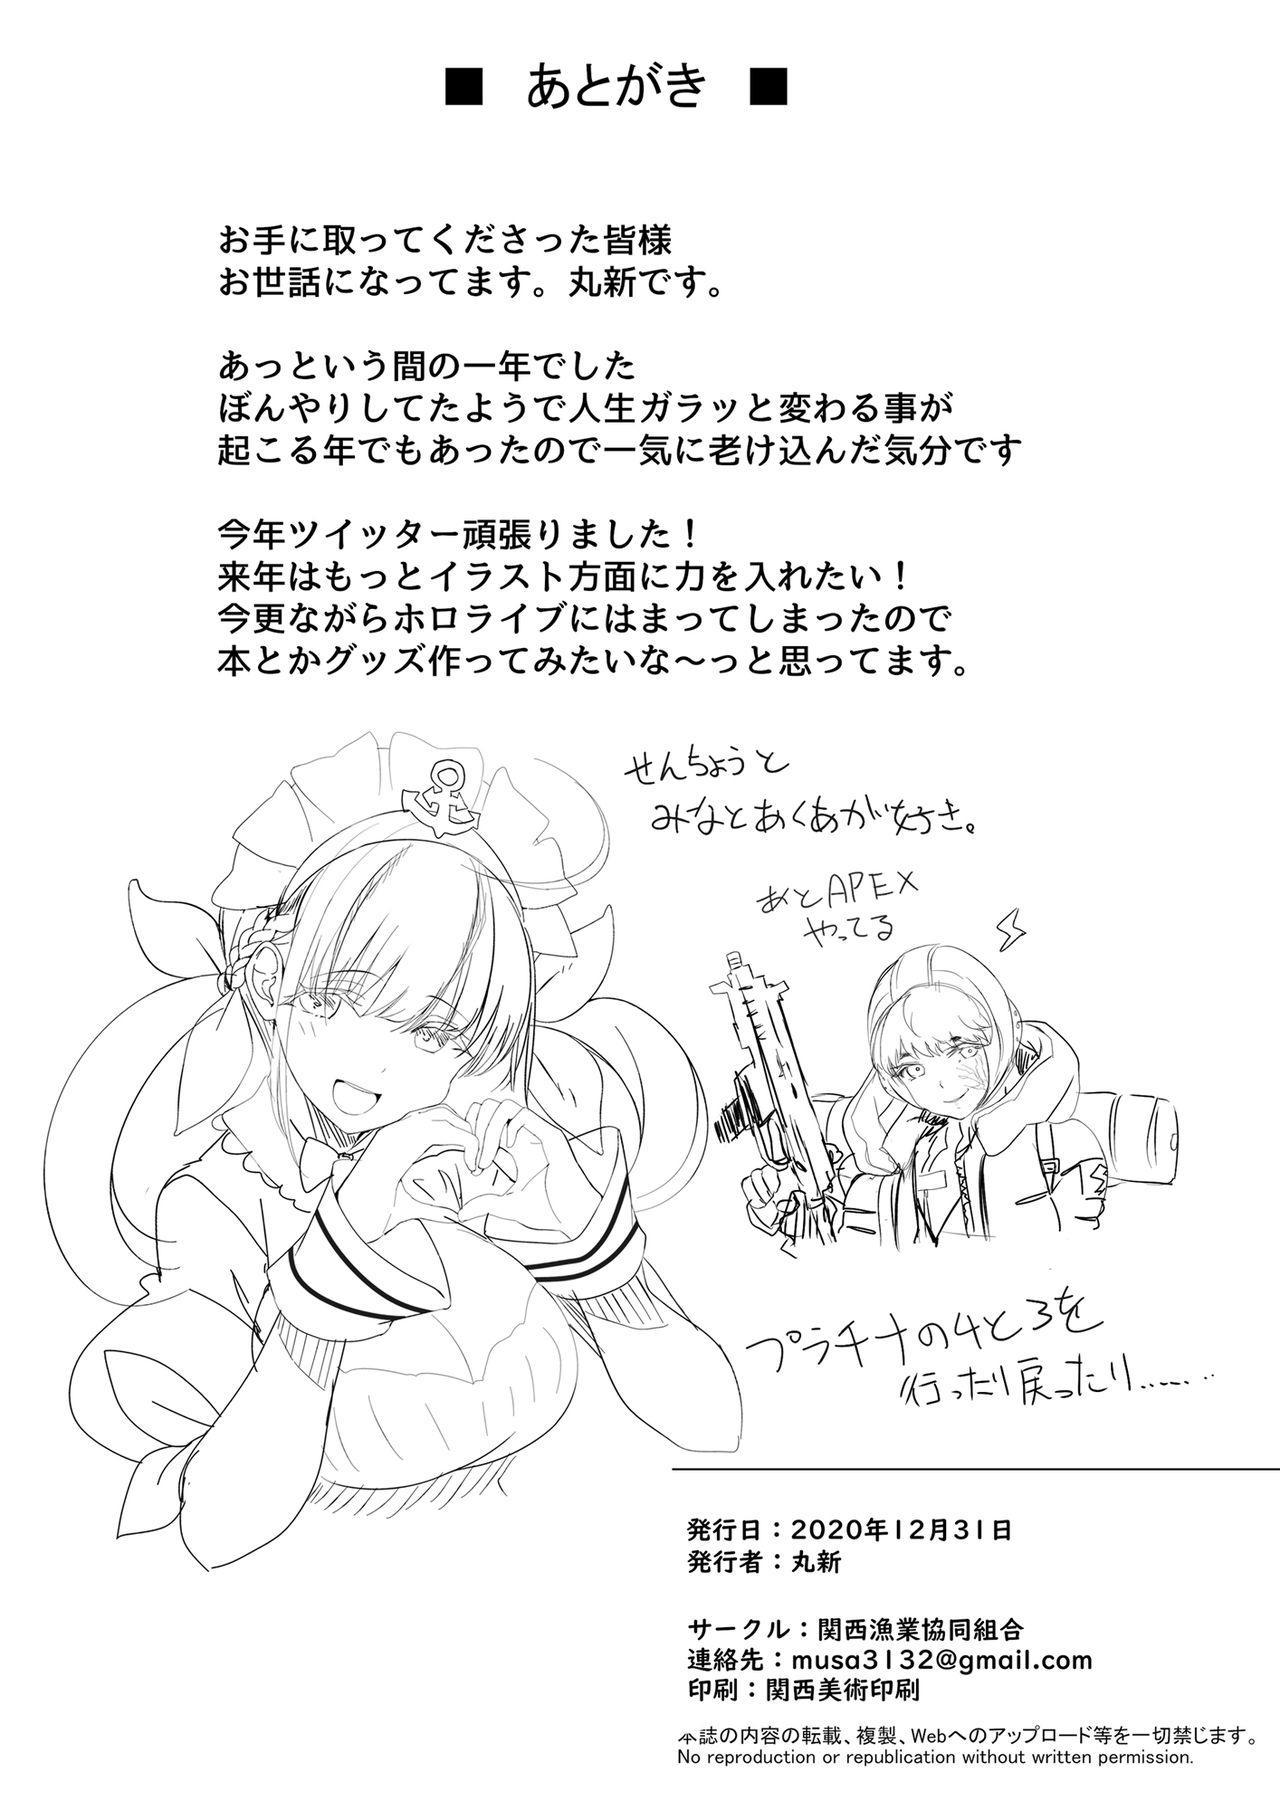 Koushinchou Volley-bu no Seisokei Kanojo ga Senpai no Mono ni Natte Shimau Ichibushijuu 42